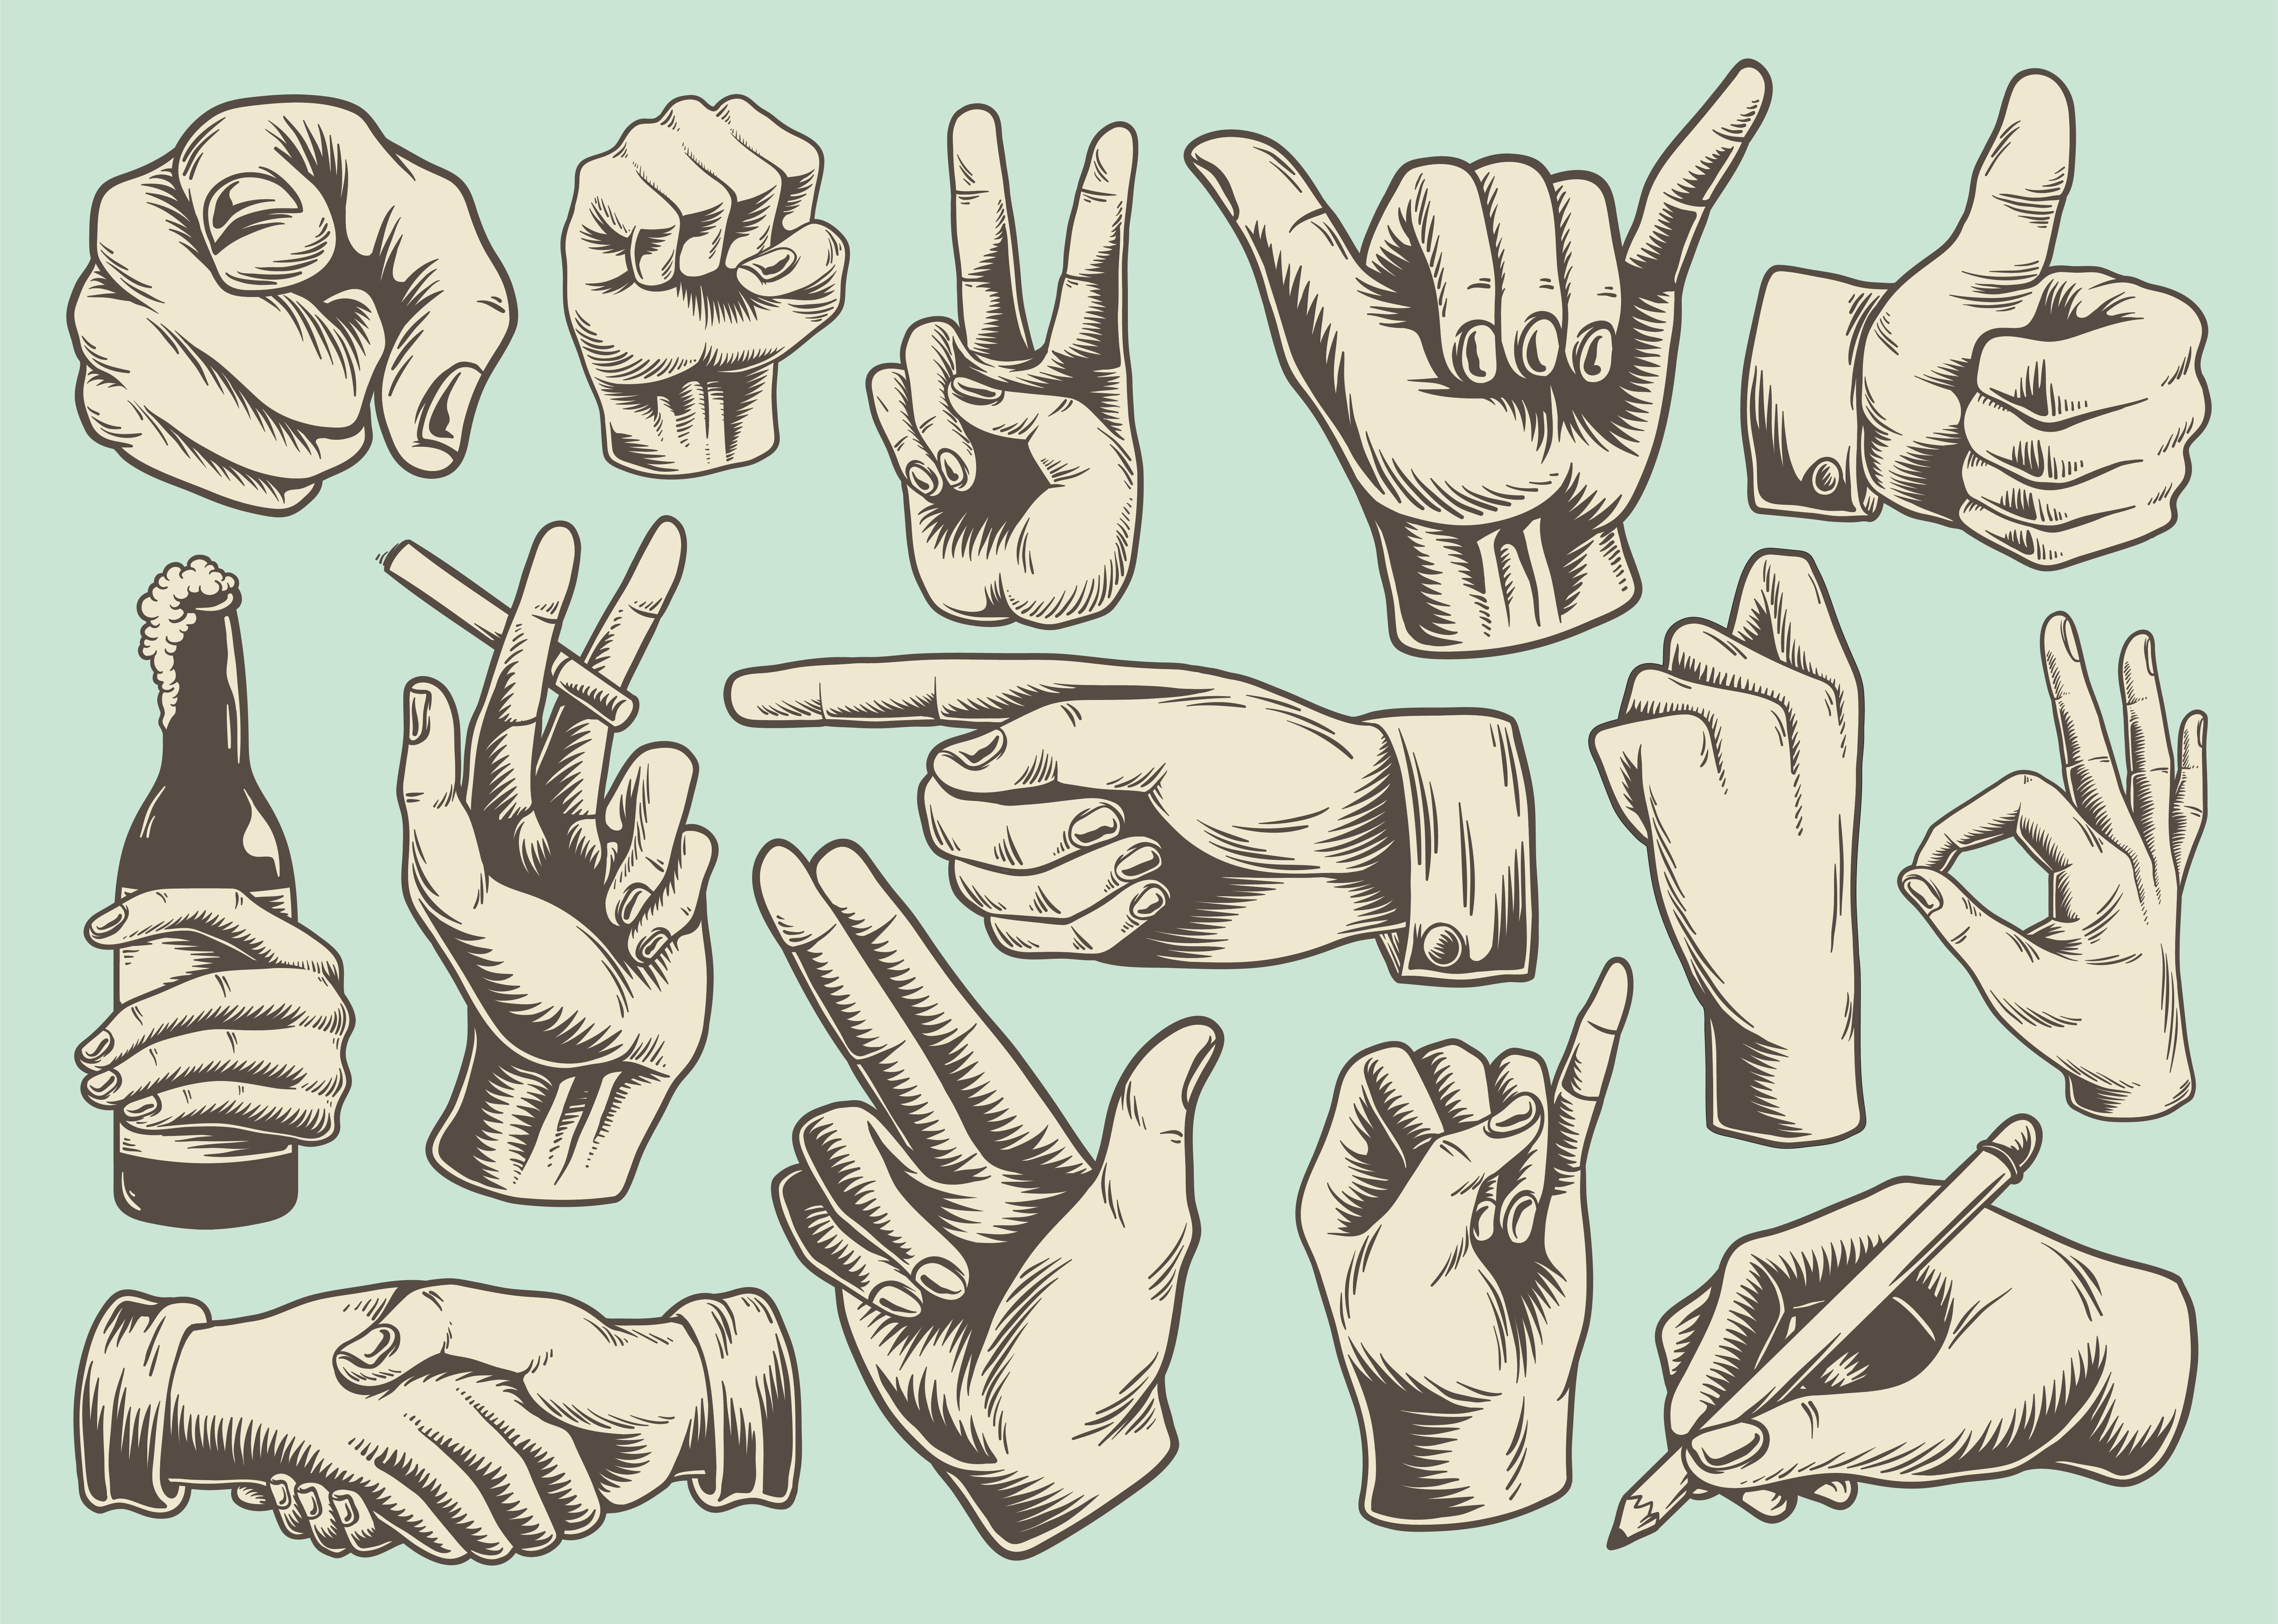 Прикольные жесты руками картинки, картинки надписями